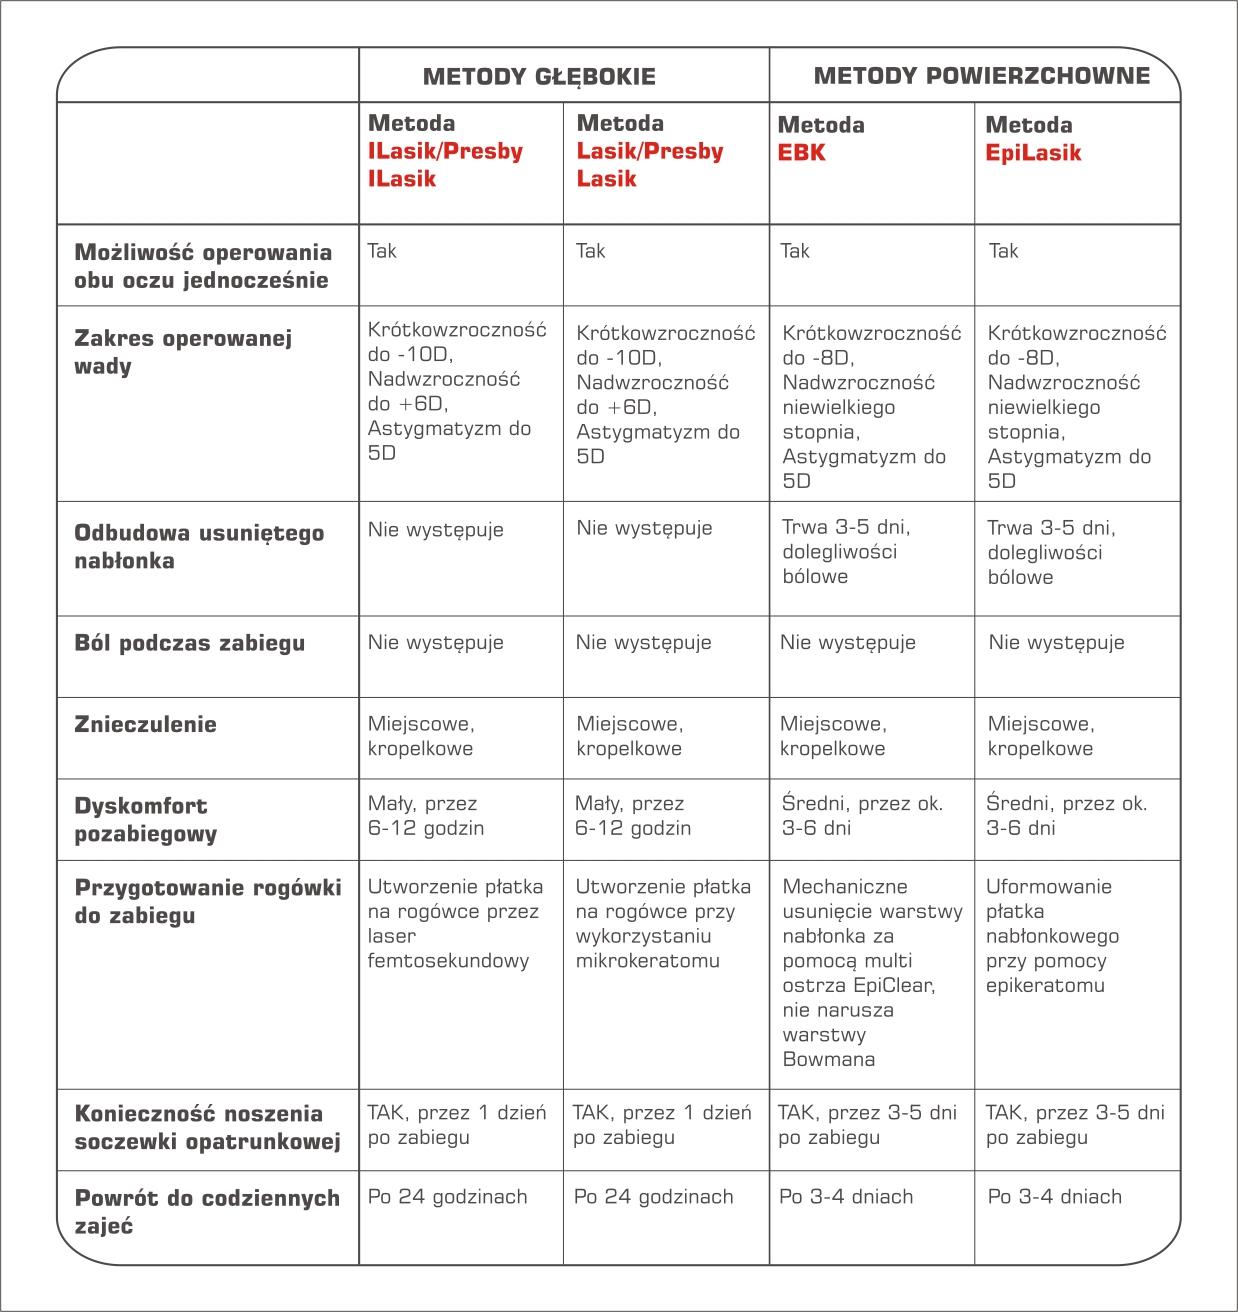 Porównanie różnych metod w laserowej korekcji wzroku wykonywanych w Rzeszowie